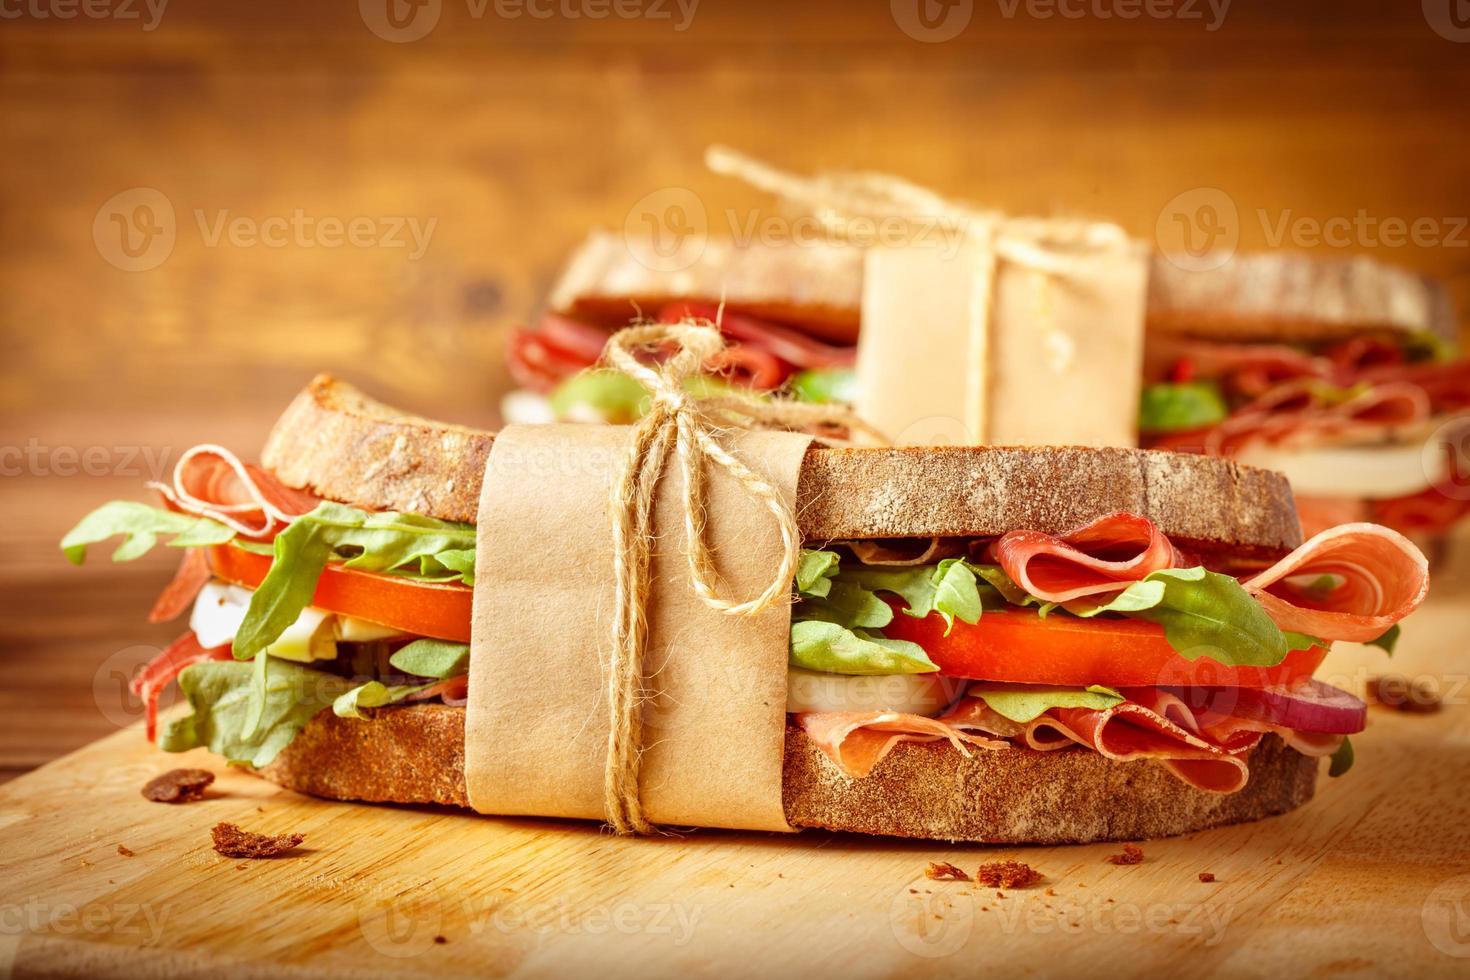 smörgåsar med bacon på vintage backgroud foto